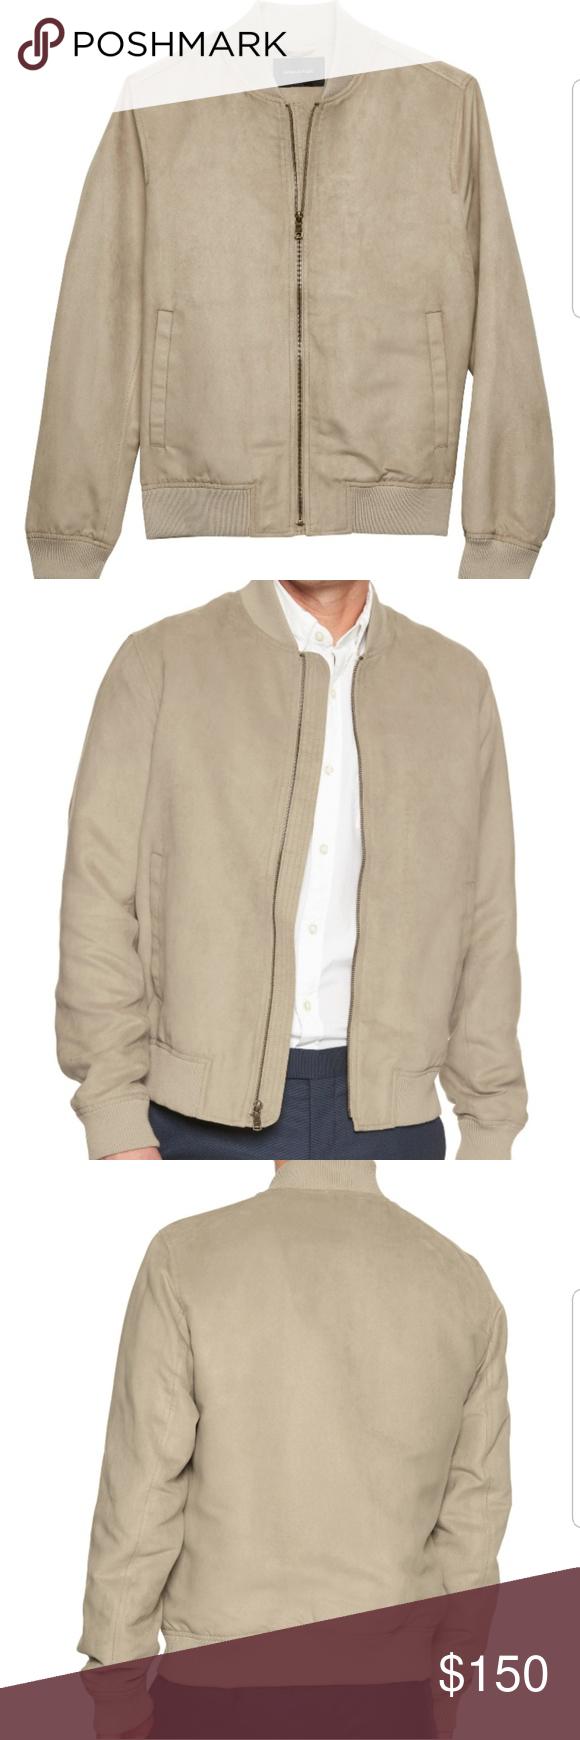 113c19b62 Vegan Suede Bomber Jacket Size Large Color Khaki Bomber style jacket ...